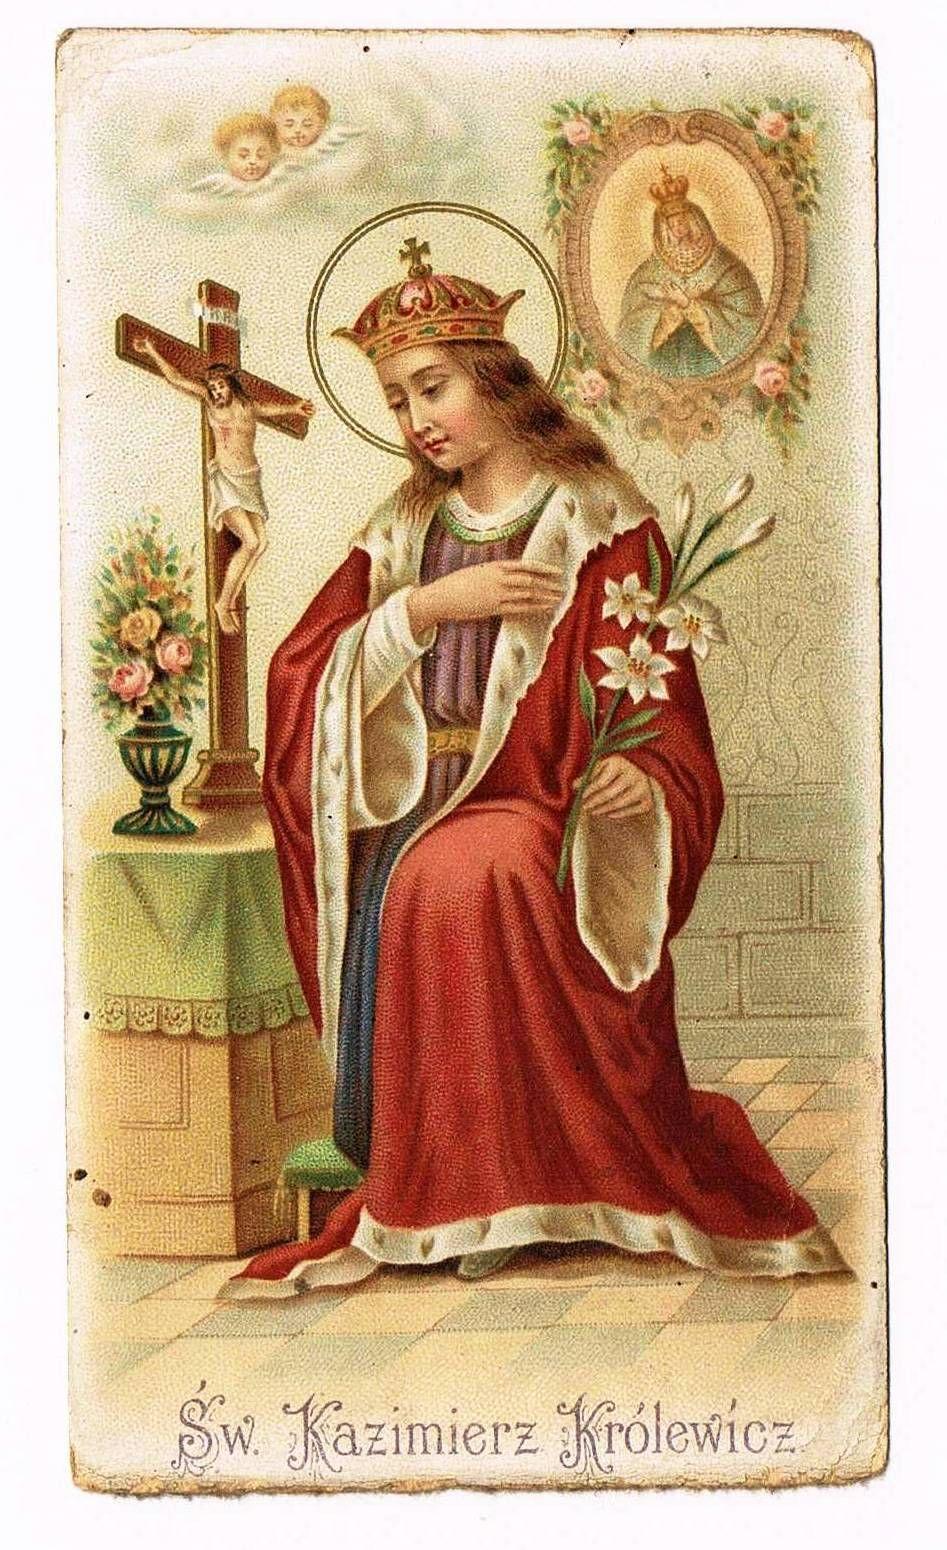 Swiety Kazimierz Krolewicz Obrazek Sw 1903r 7185625699 Oficjalne Archiwum Allegro Vintage Holy Cards Traditional Catholicism Blessed Mother